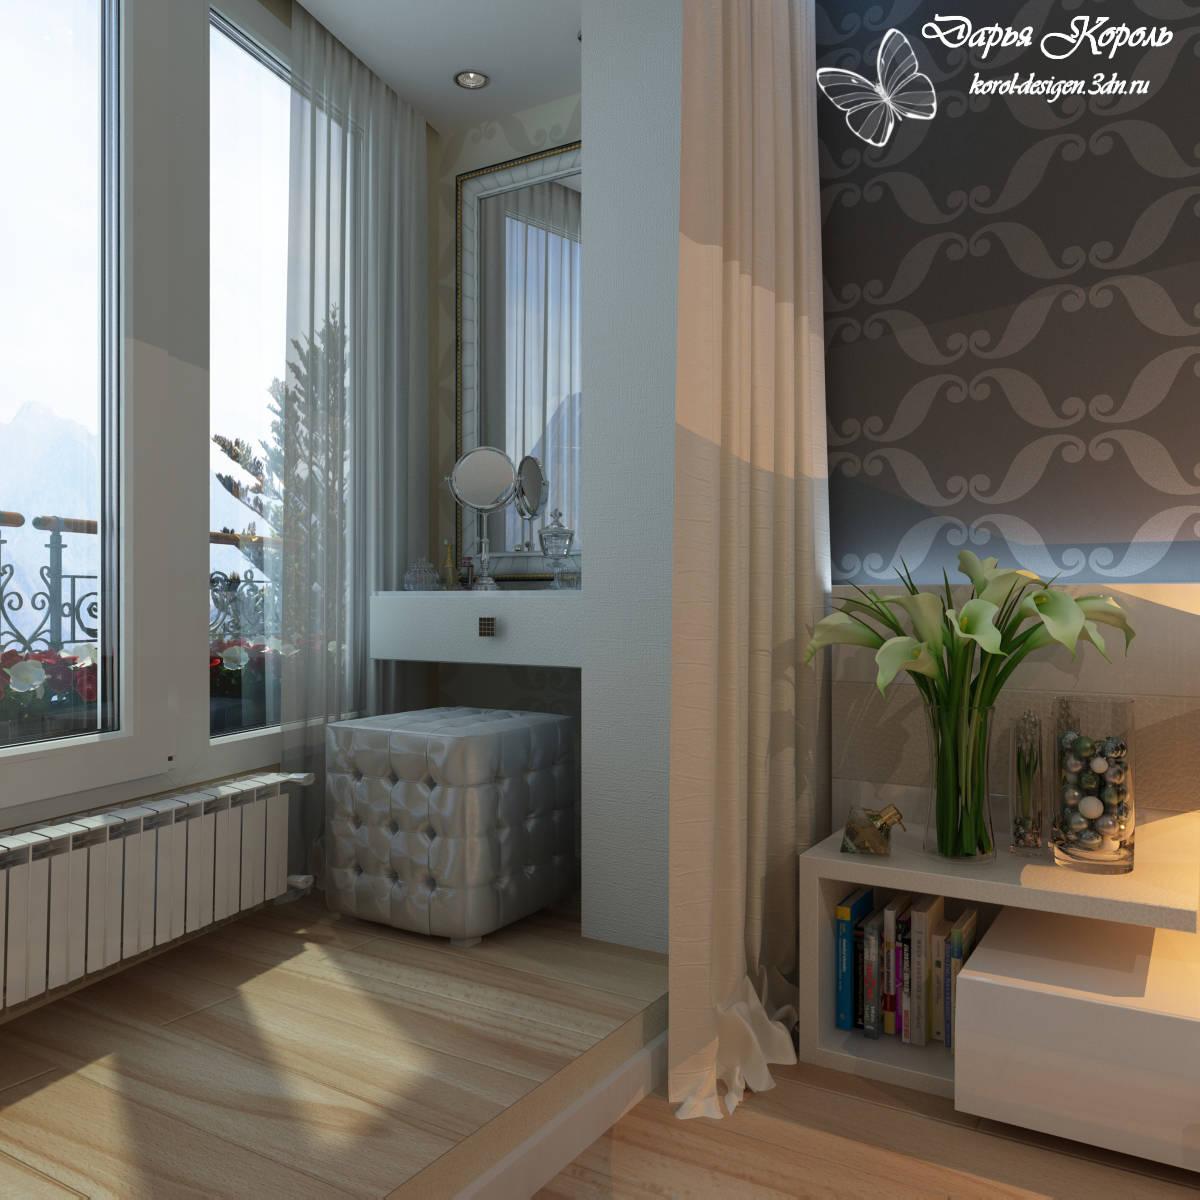 Фото дизайна соедененых балконов со спальней.